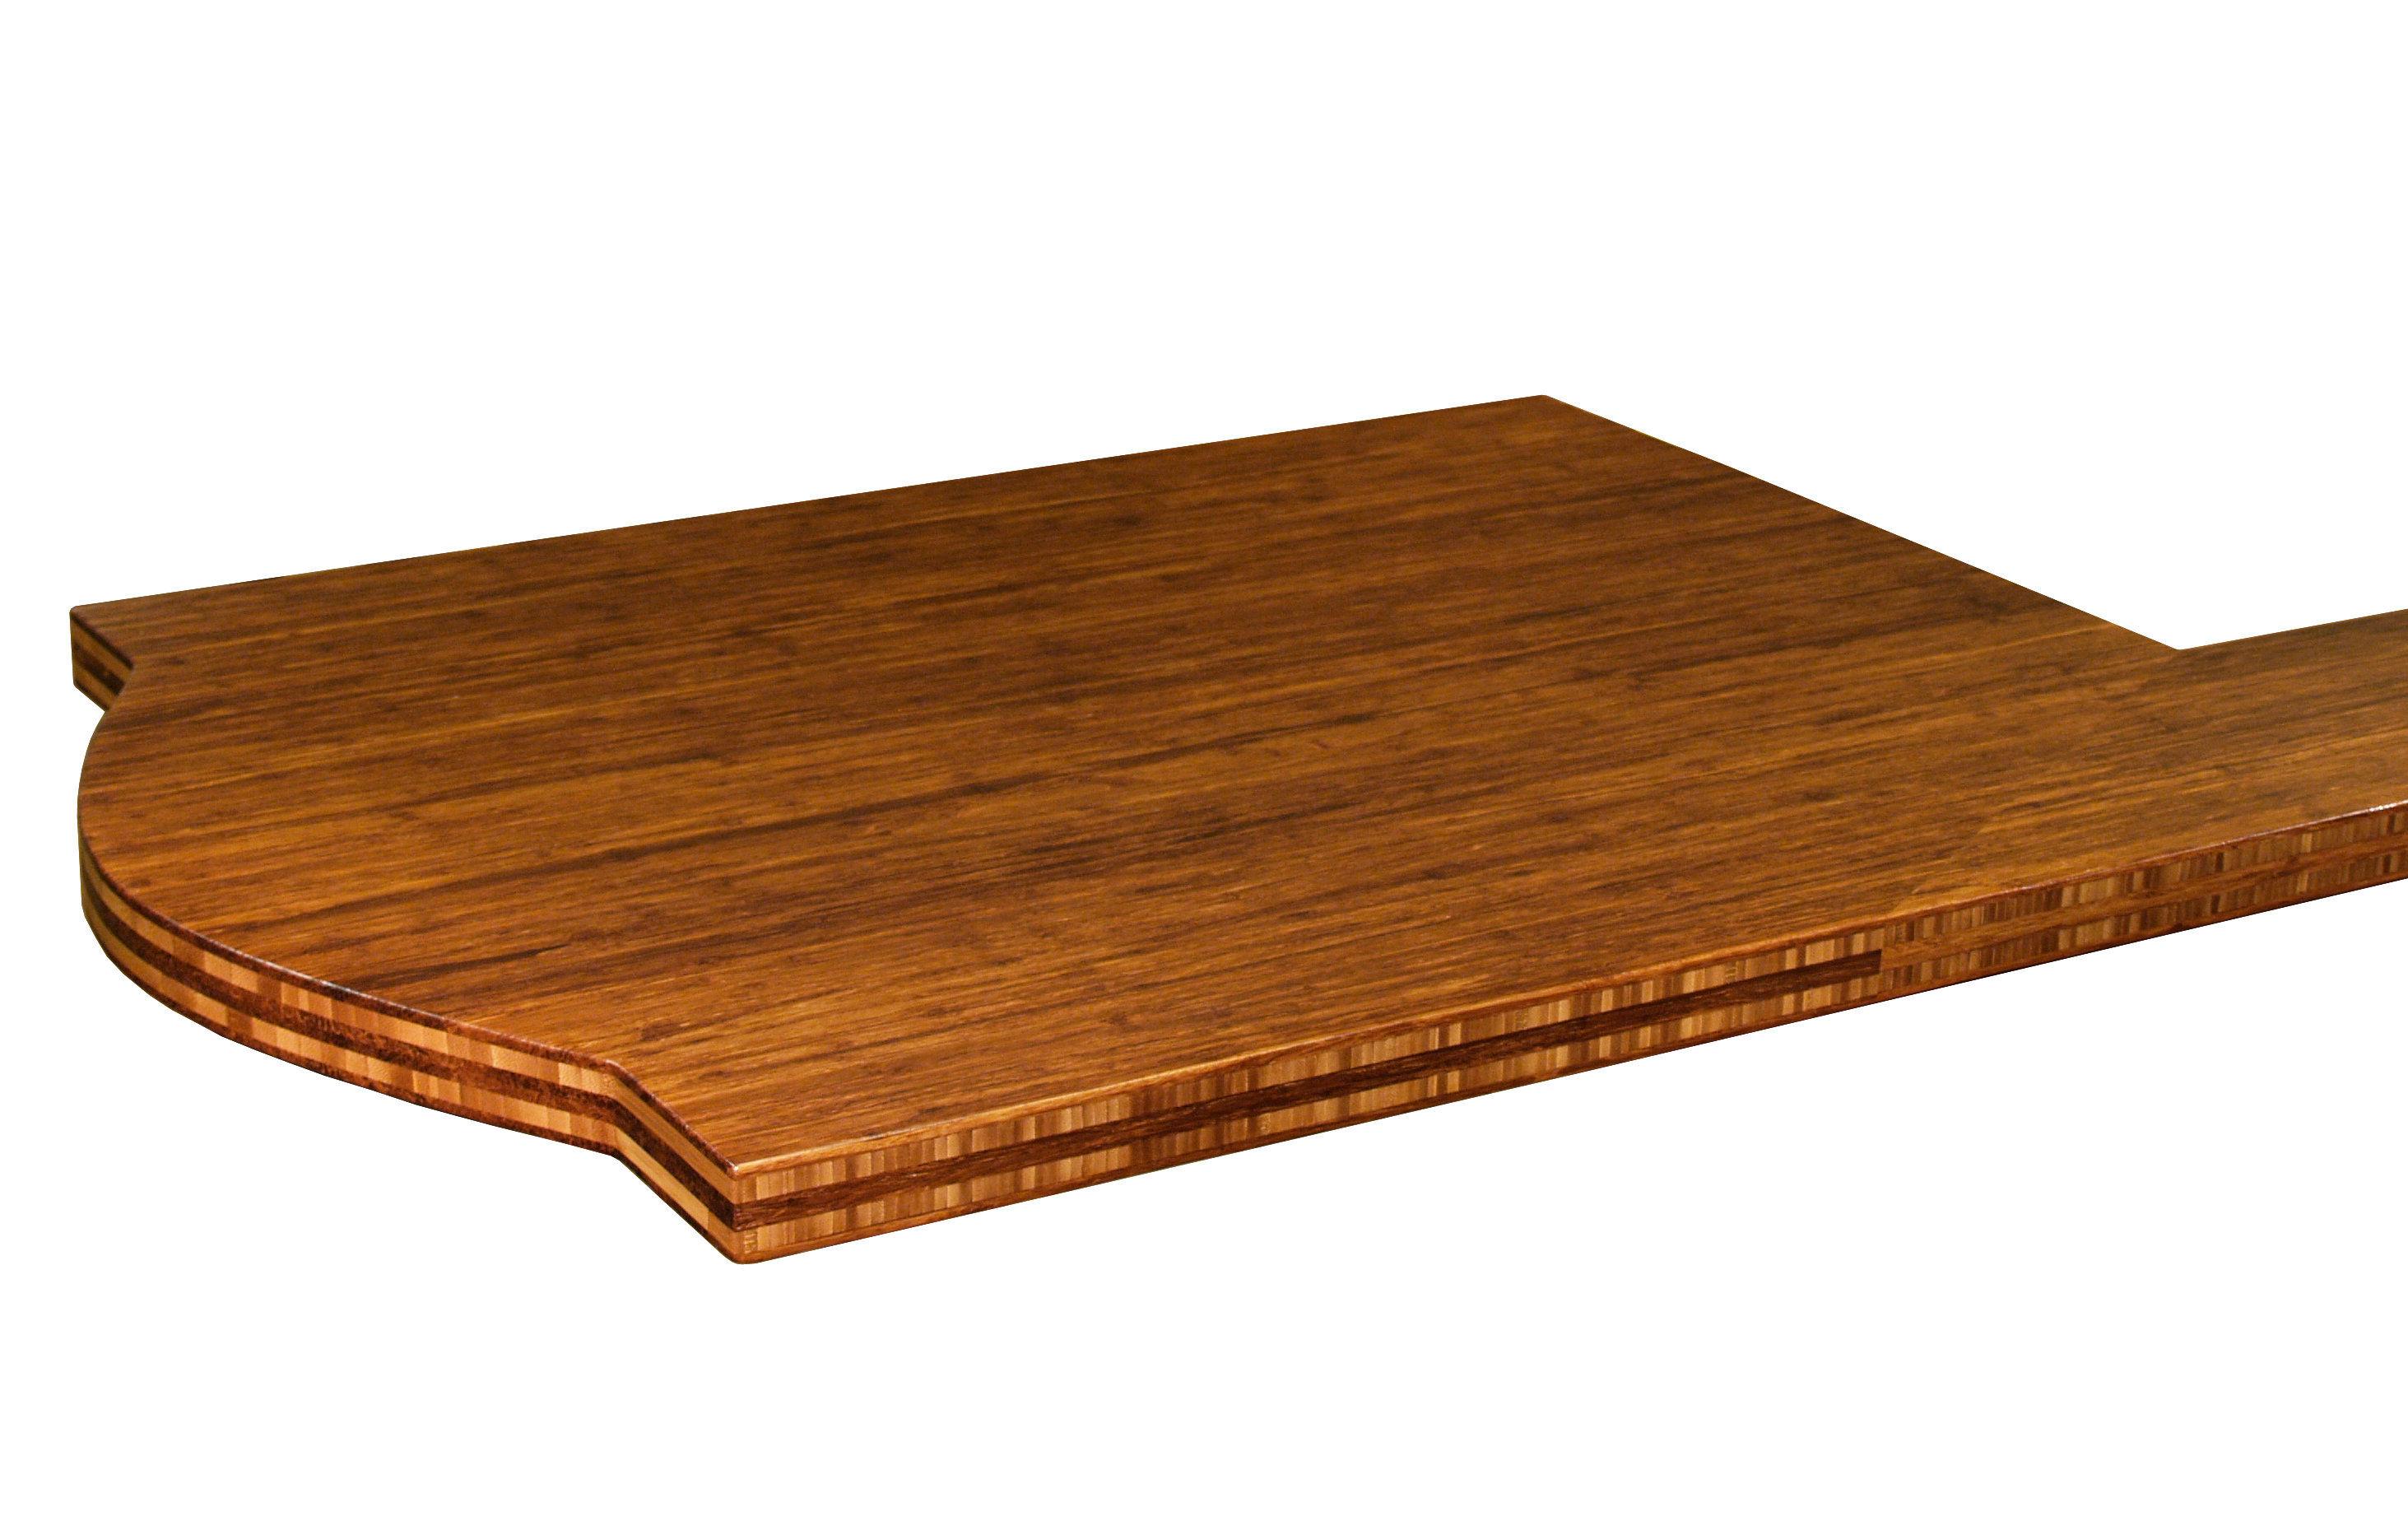 Bamboo Face Grain Custom Wood Island Countertop.